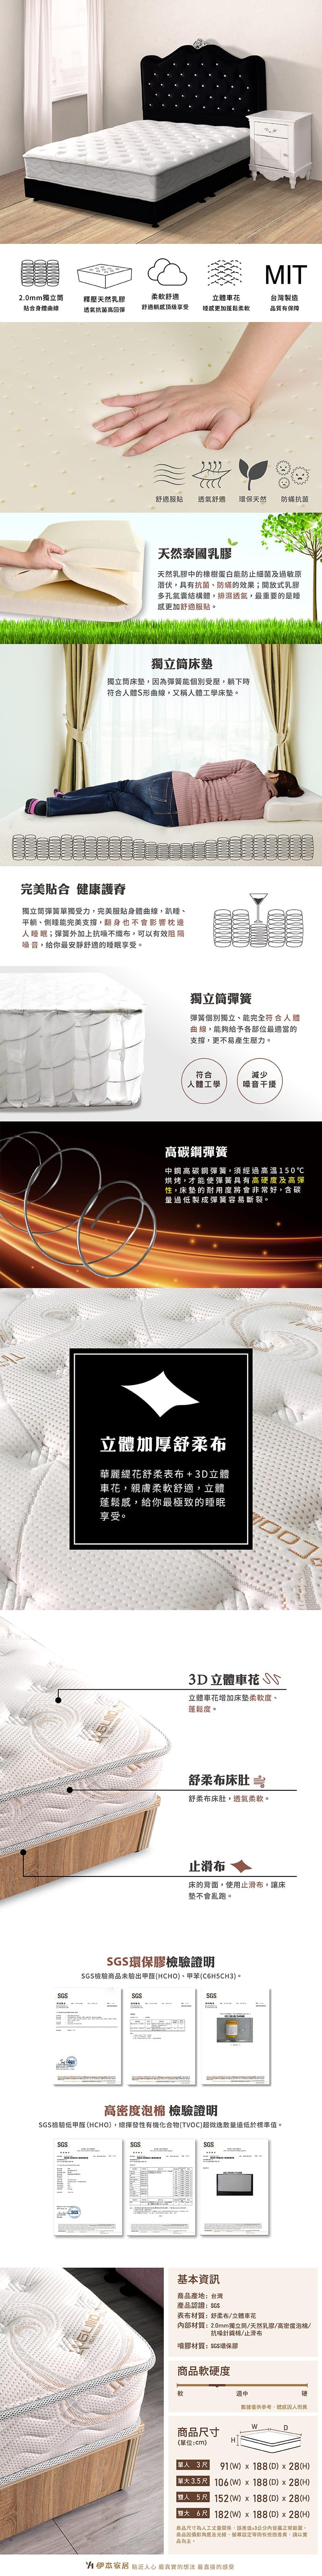 乳膠軟式獨立筒床墊 單人3尺(鑽石系列)